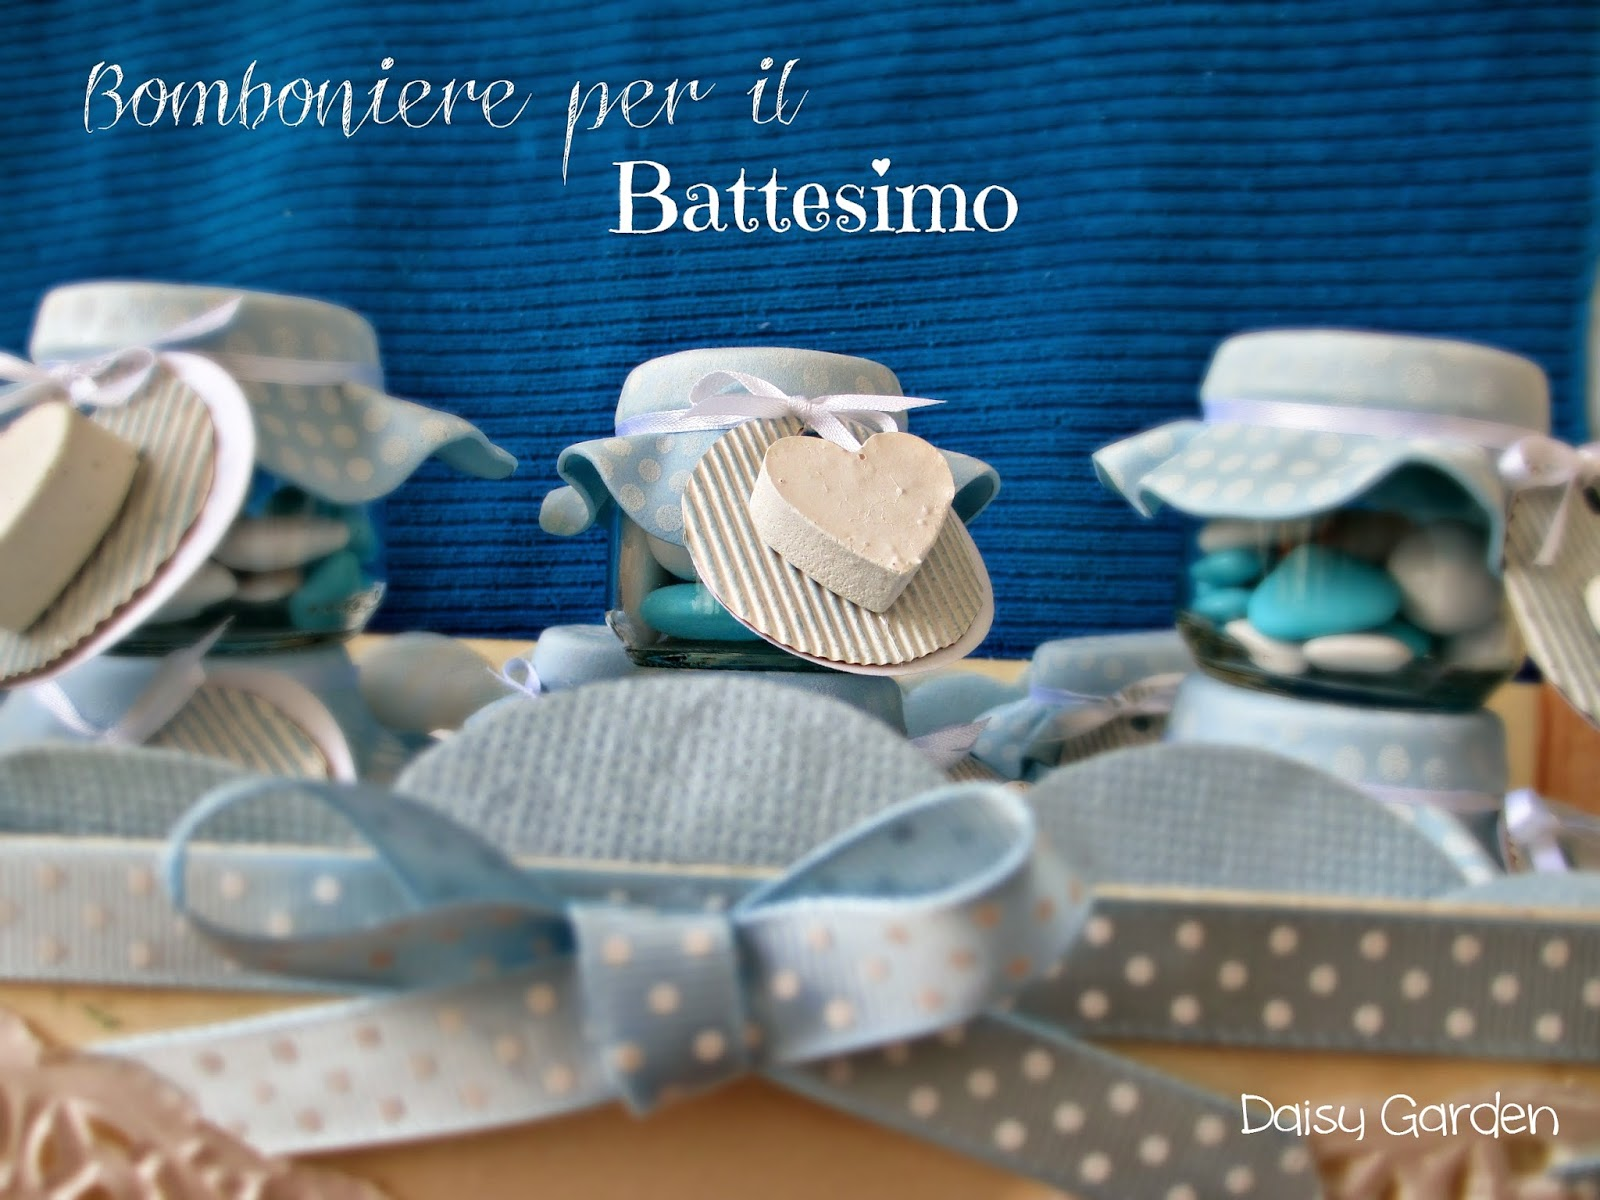 Piatti Di Carta Battesimo : Daisy garden le bomboniere per il battesimo